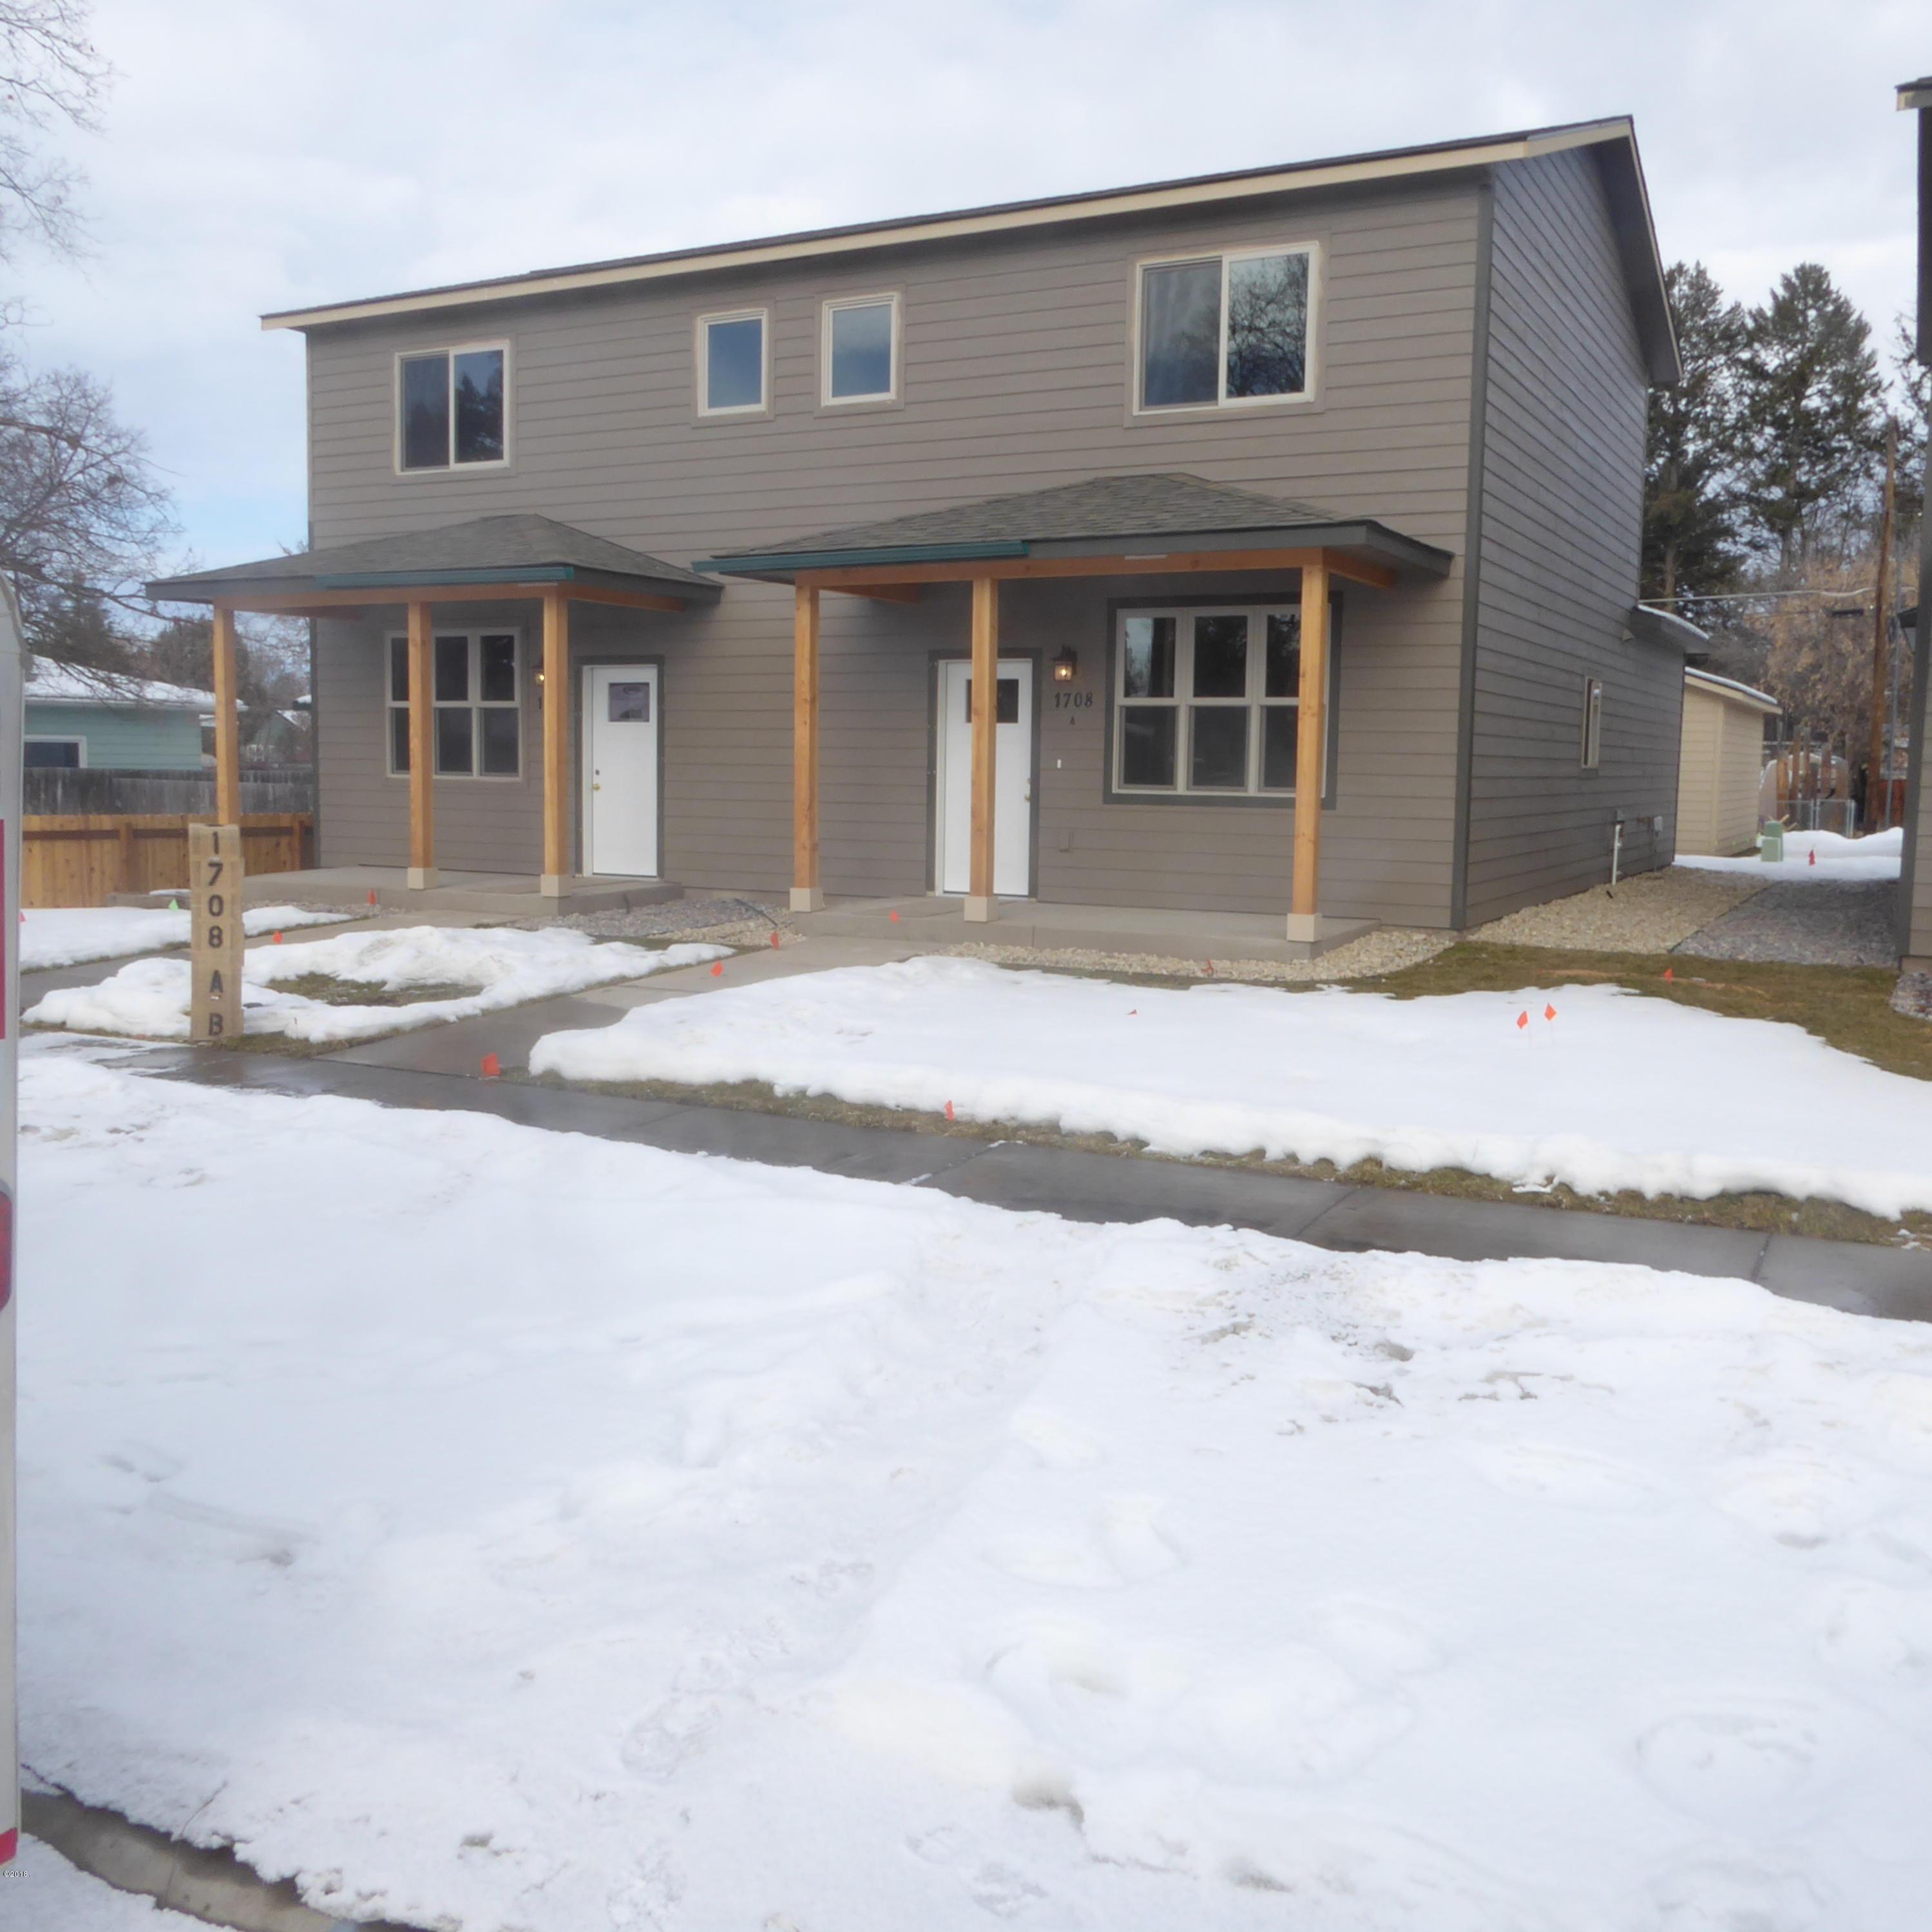 1708 B S 8th Street, Missoula, MT 59801